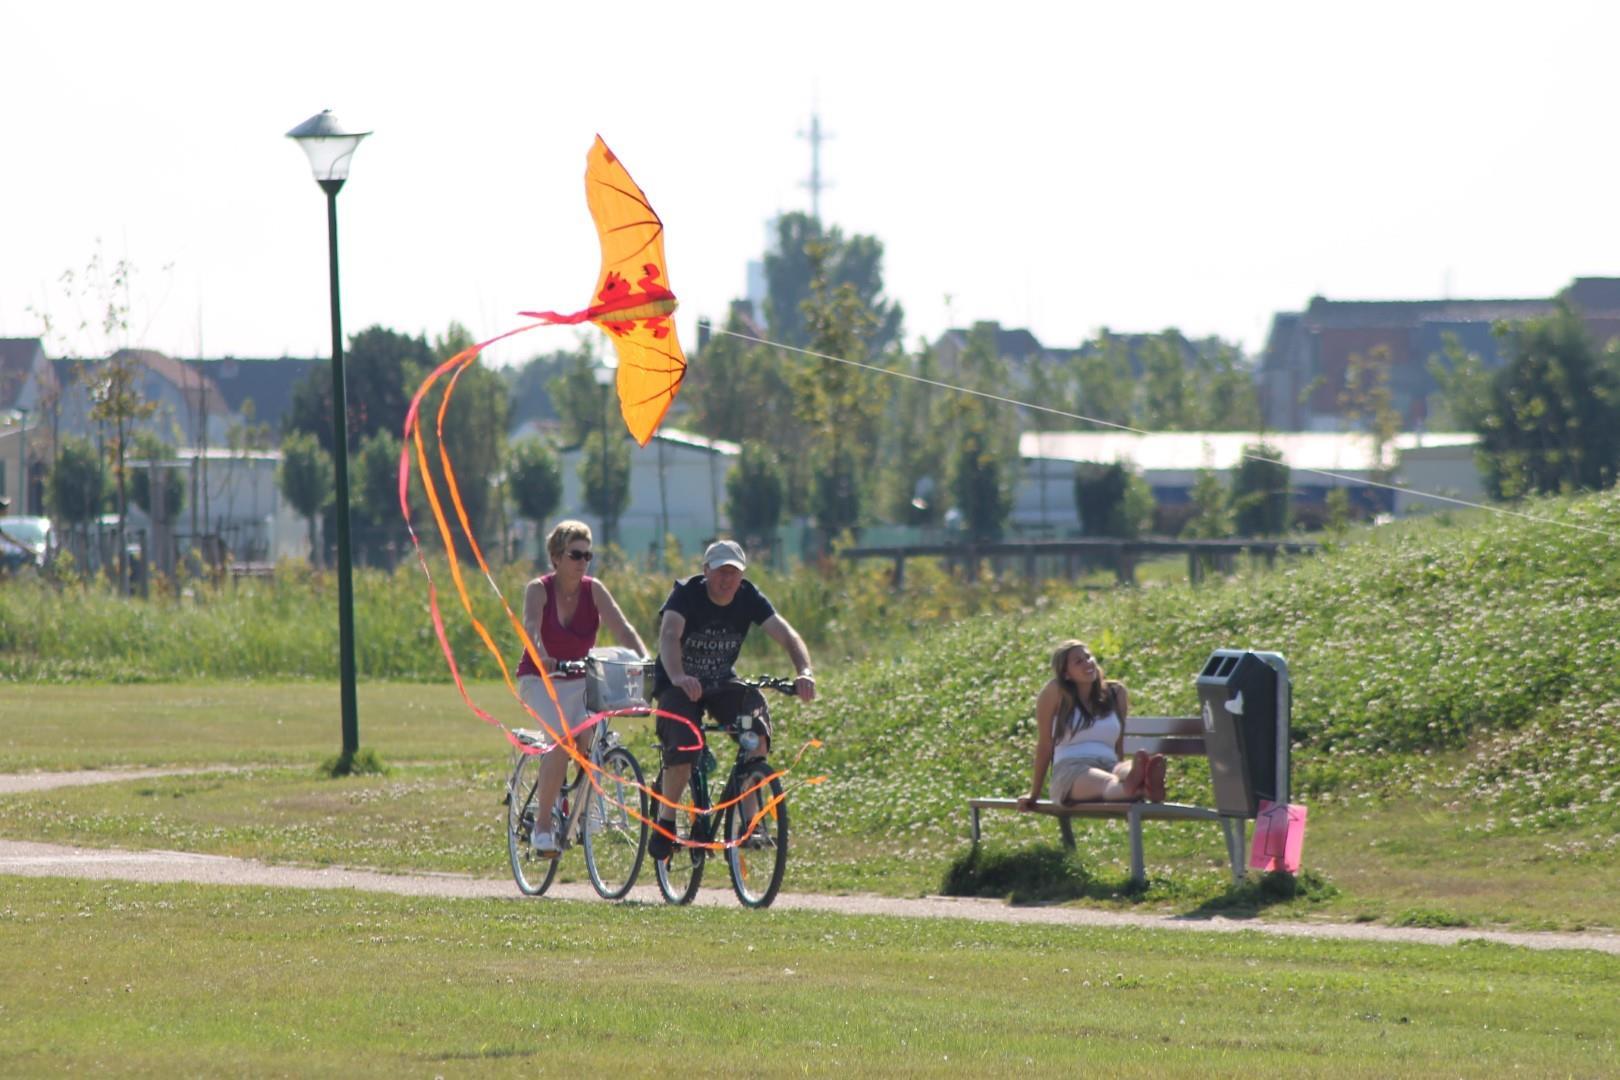 recreatiedomein-grasduinen-18-aug-2012-040-groot.JPG